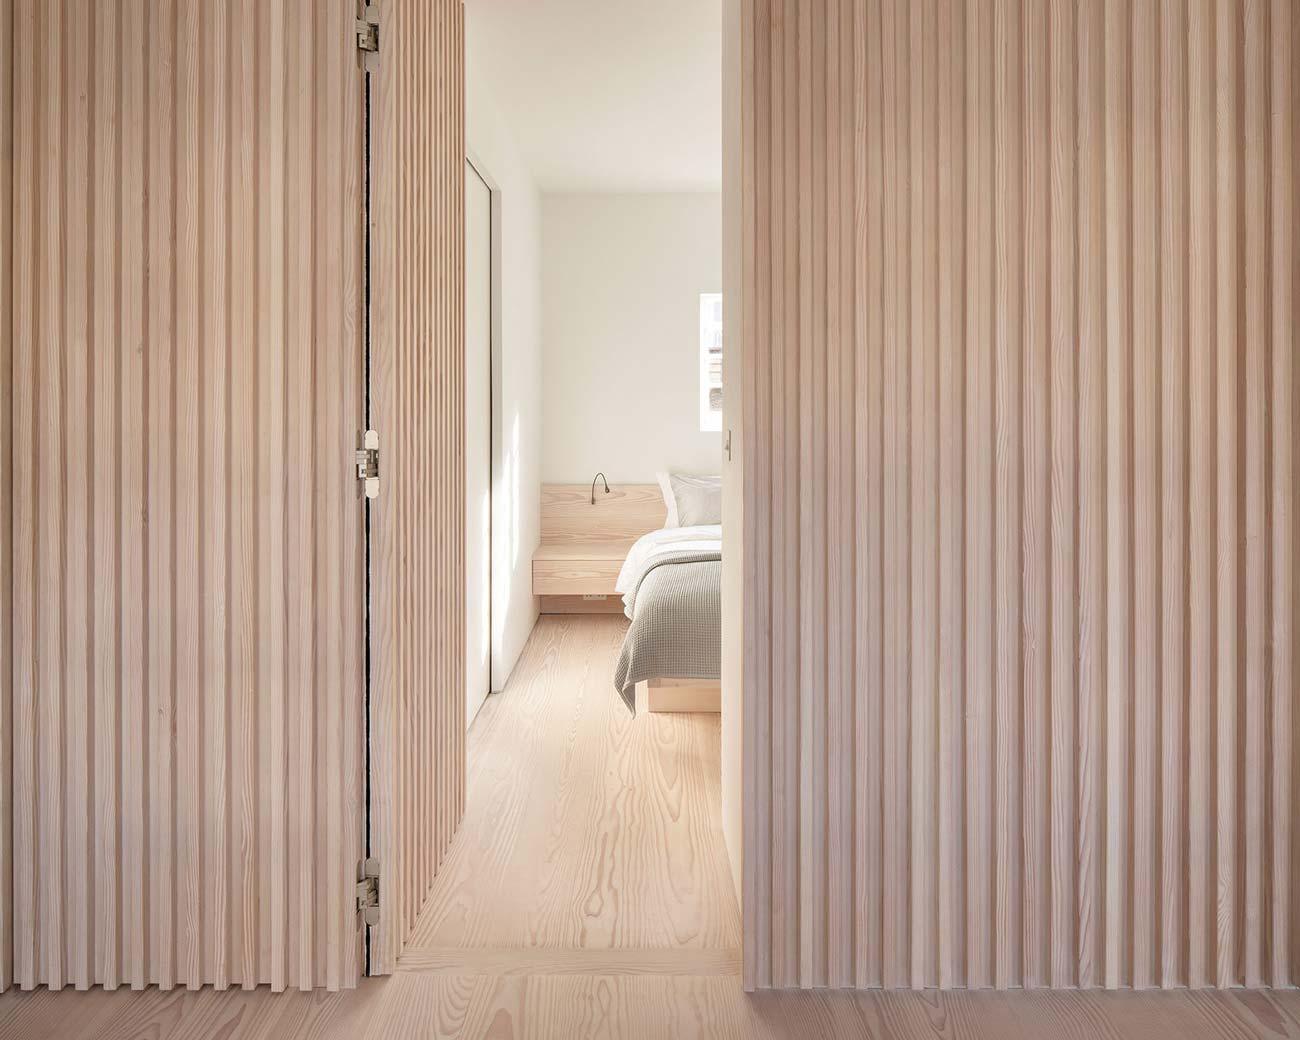 Boiserie moderne: come rendere le pareti eleganti e uniche